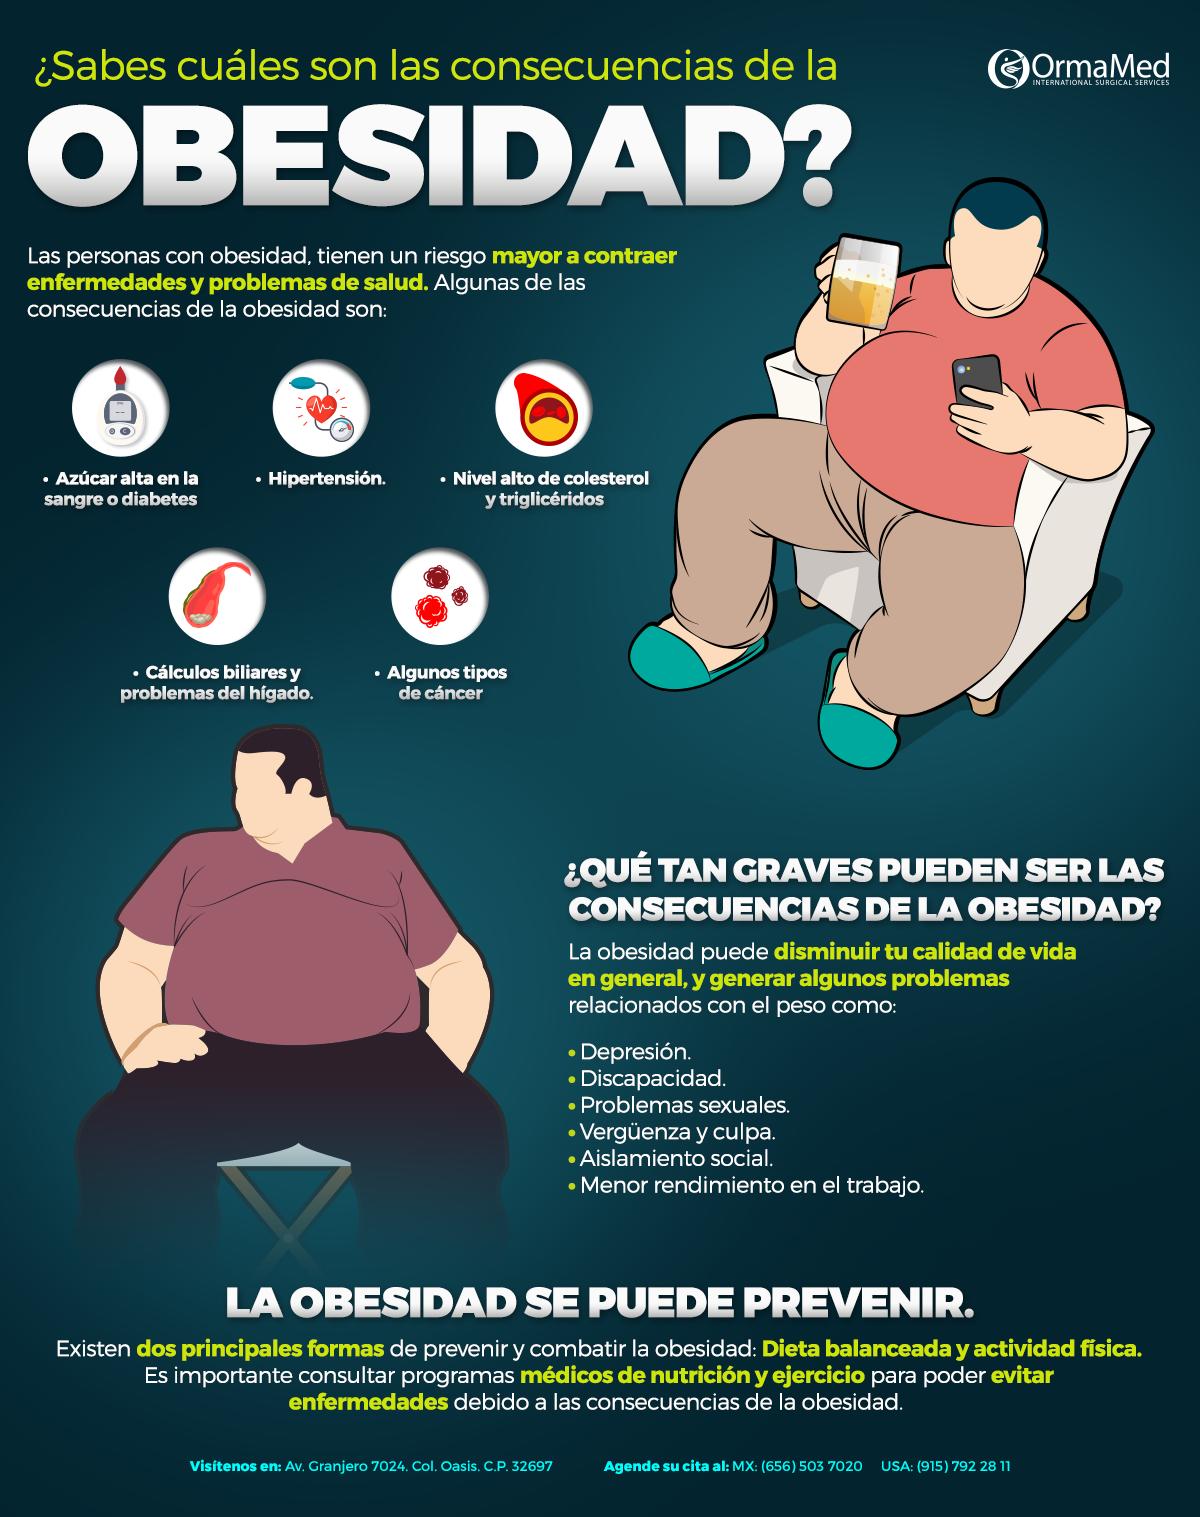 Consecuencias de la obesidad.